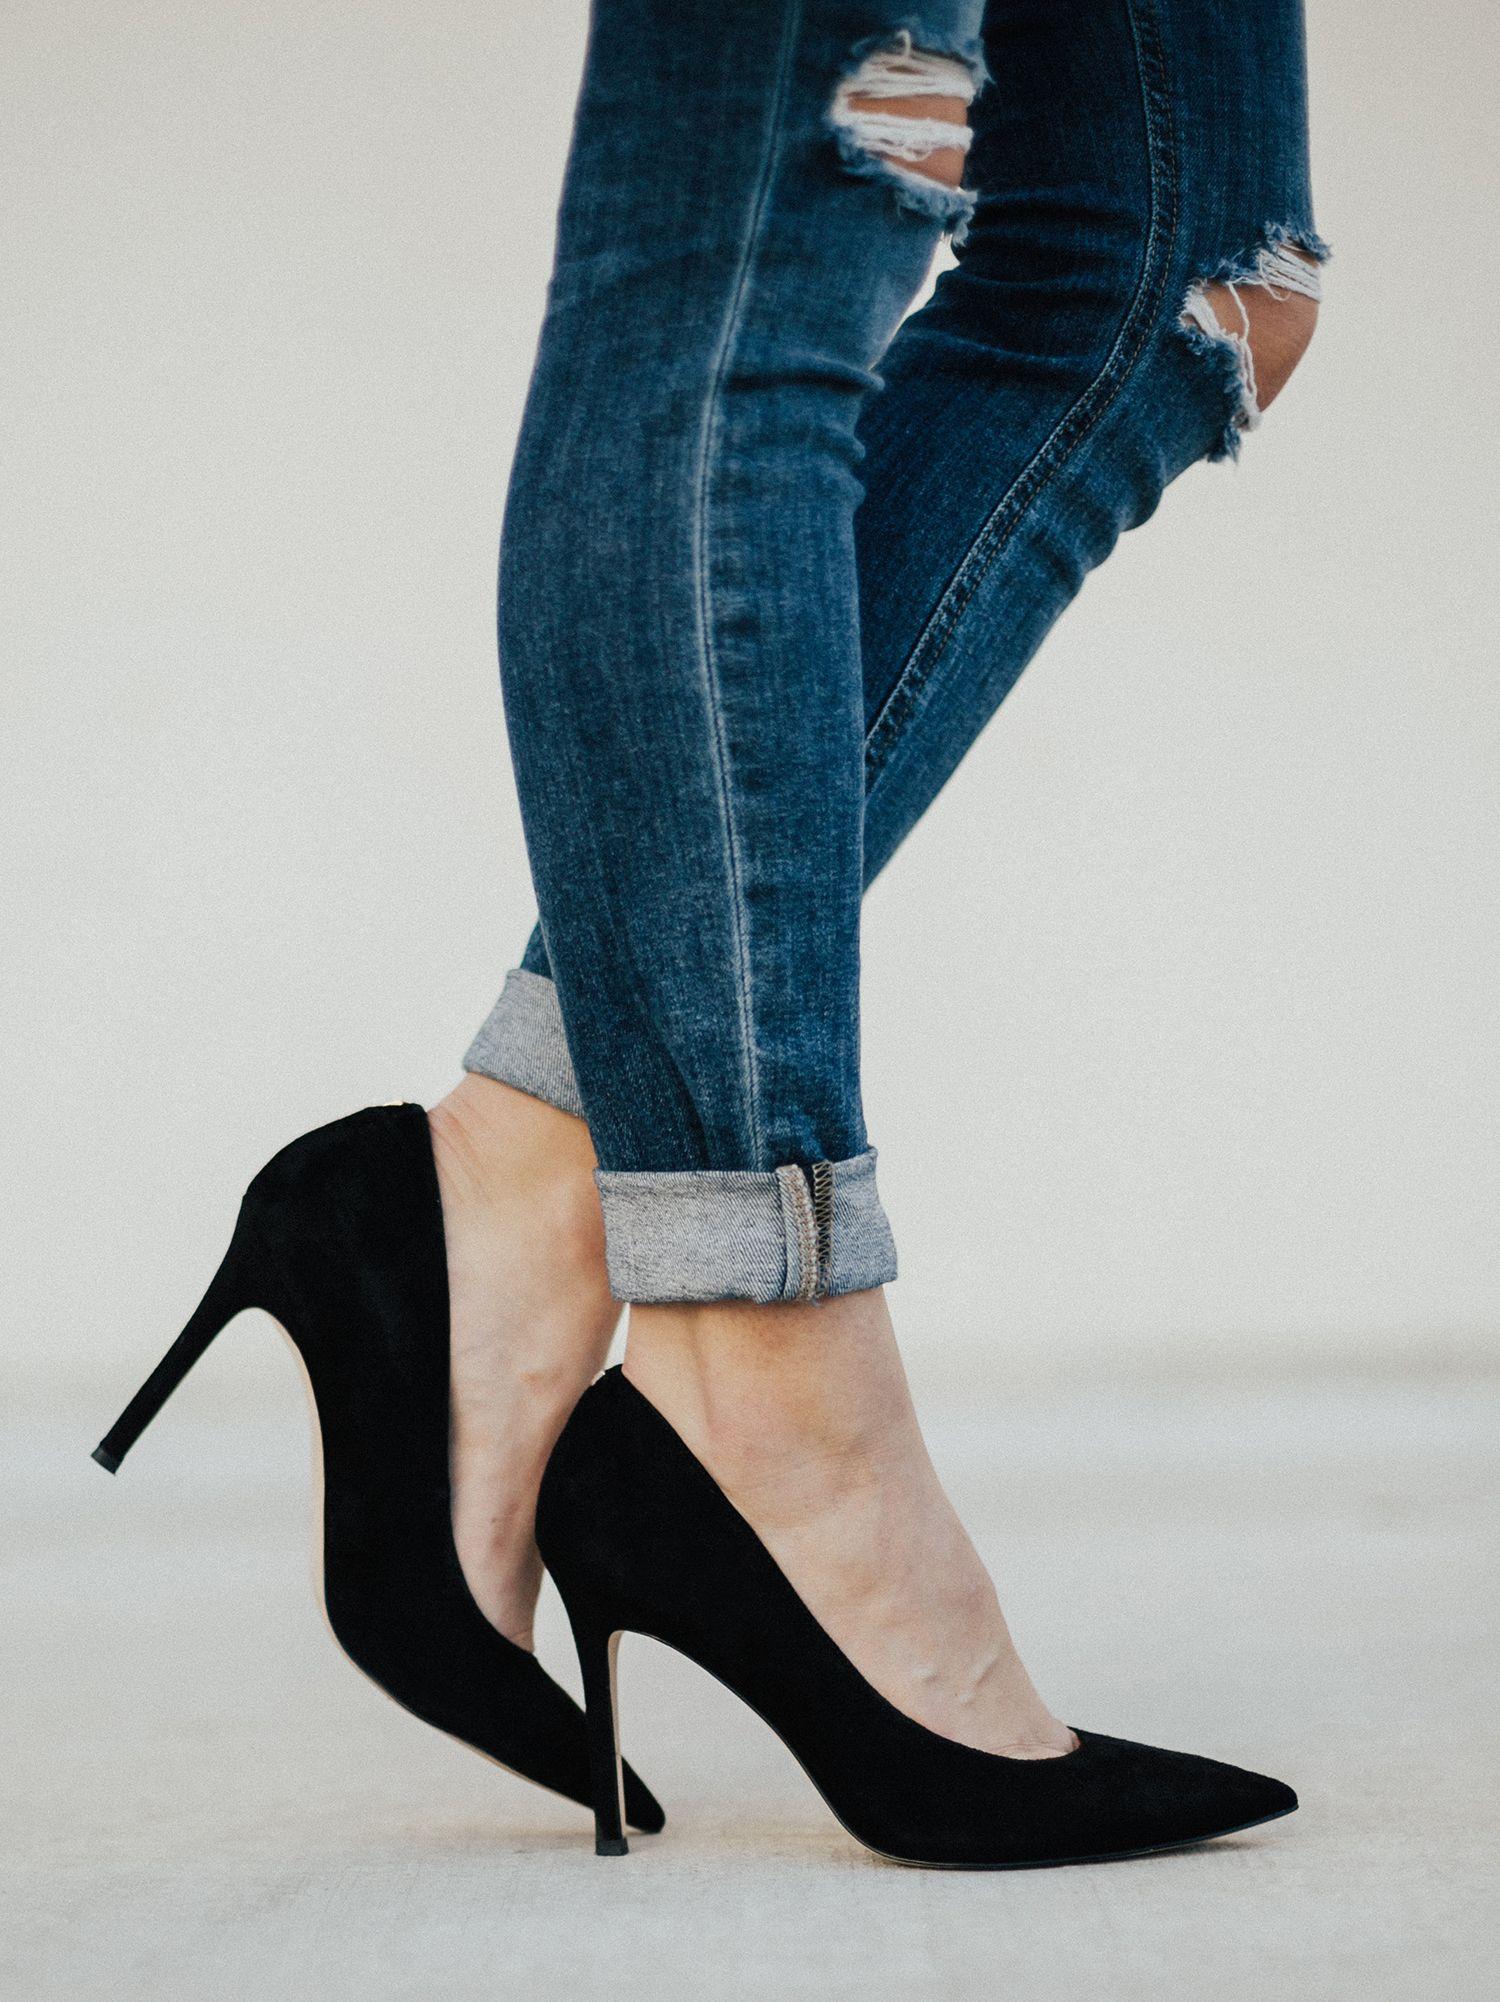 Black pumps outfit, Black suede pumps